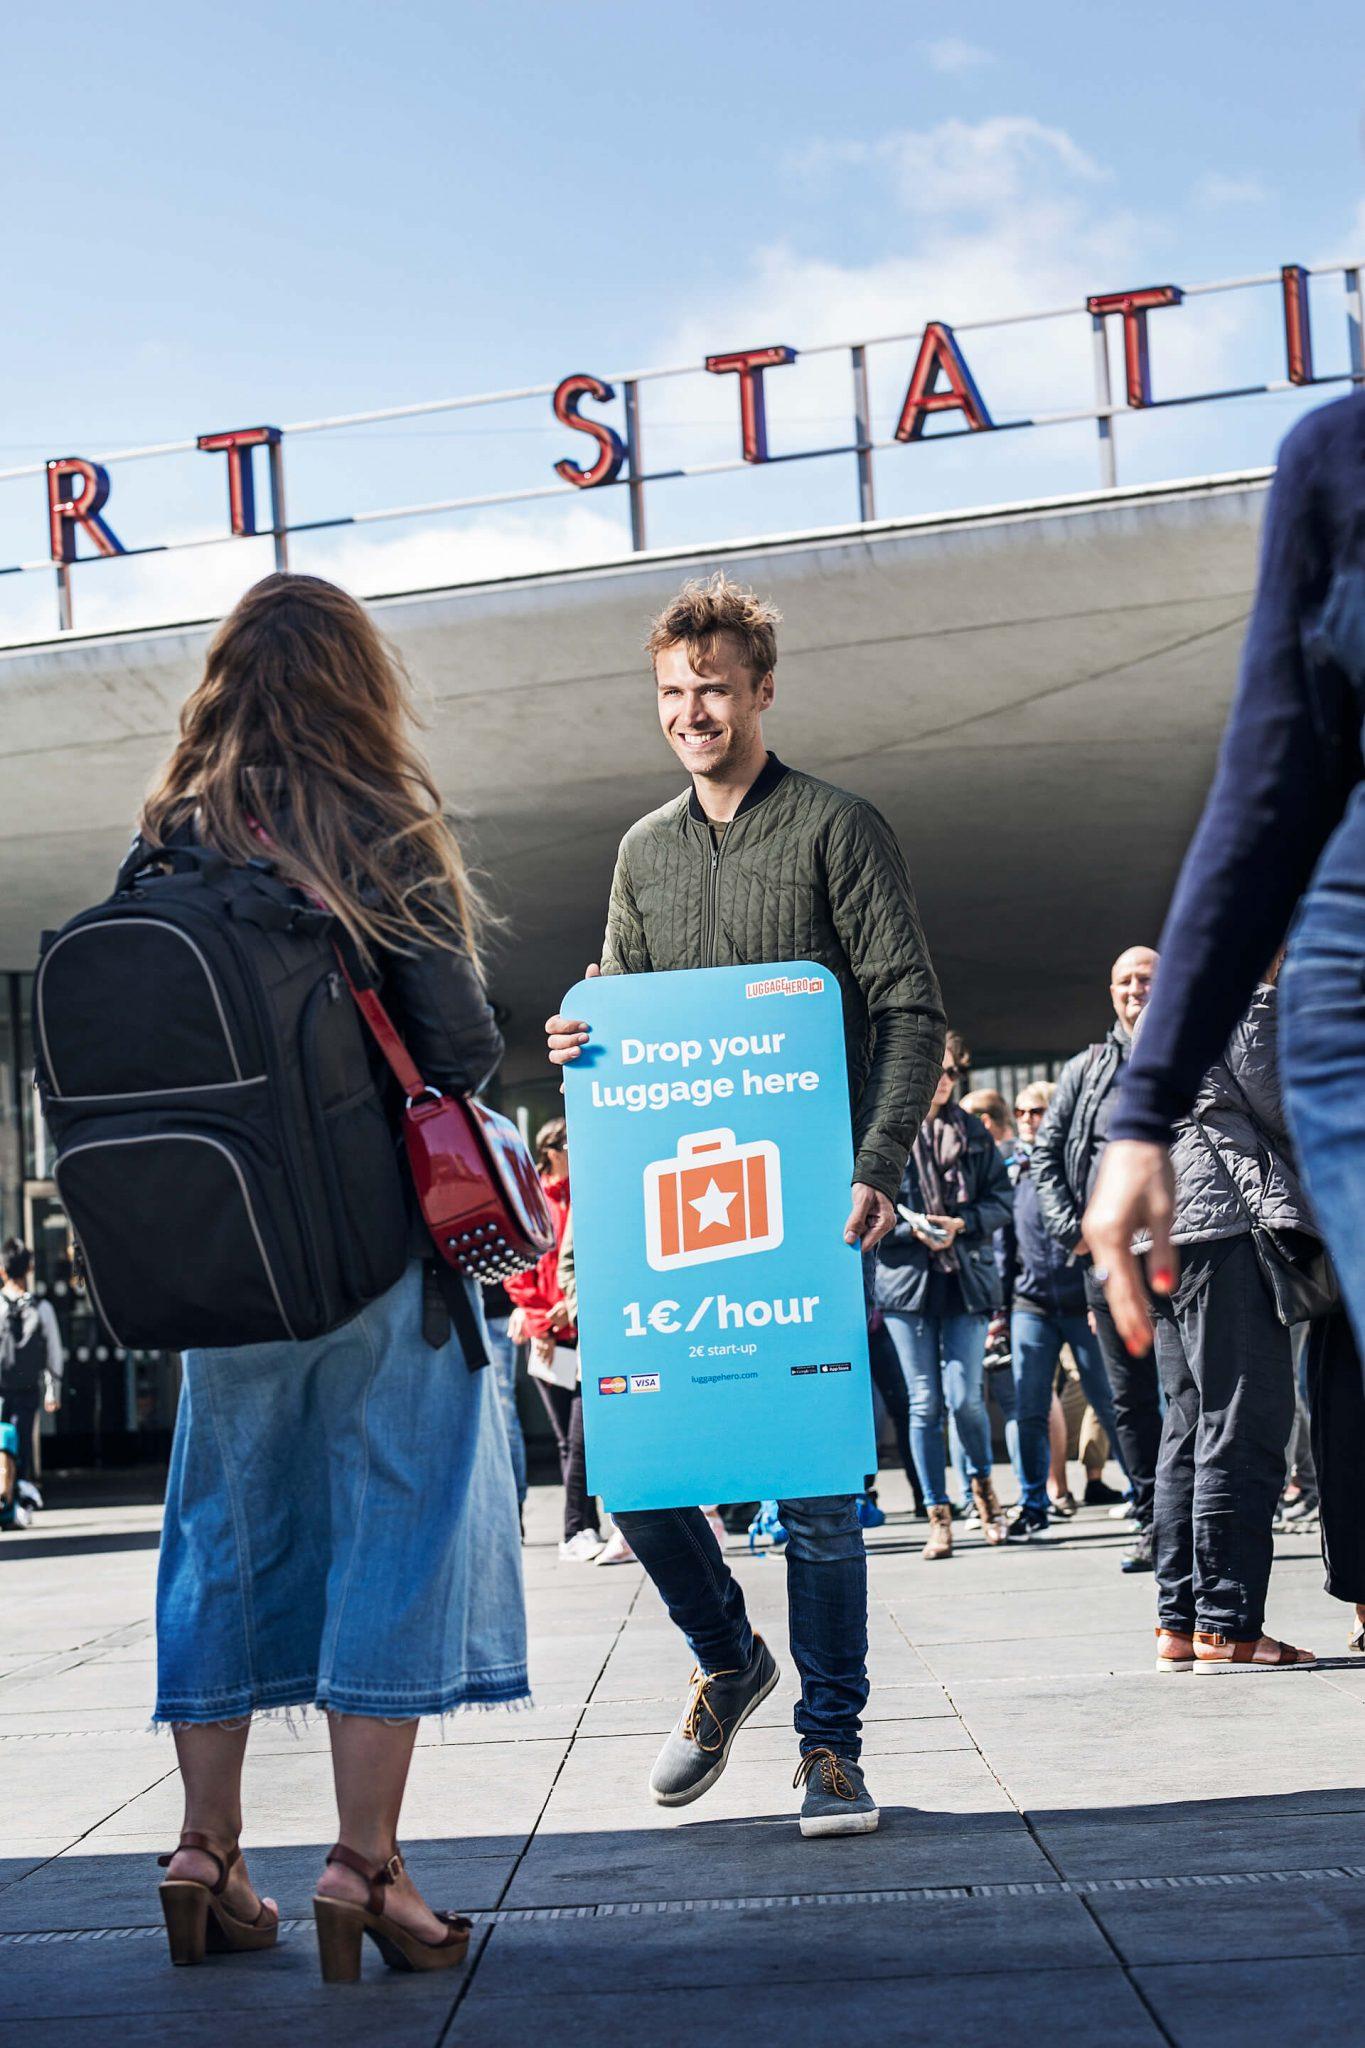 imagen de un hombre con un cartel de anuncio